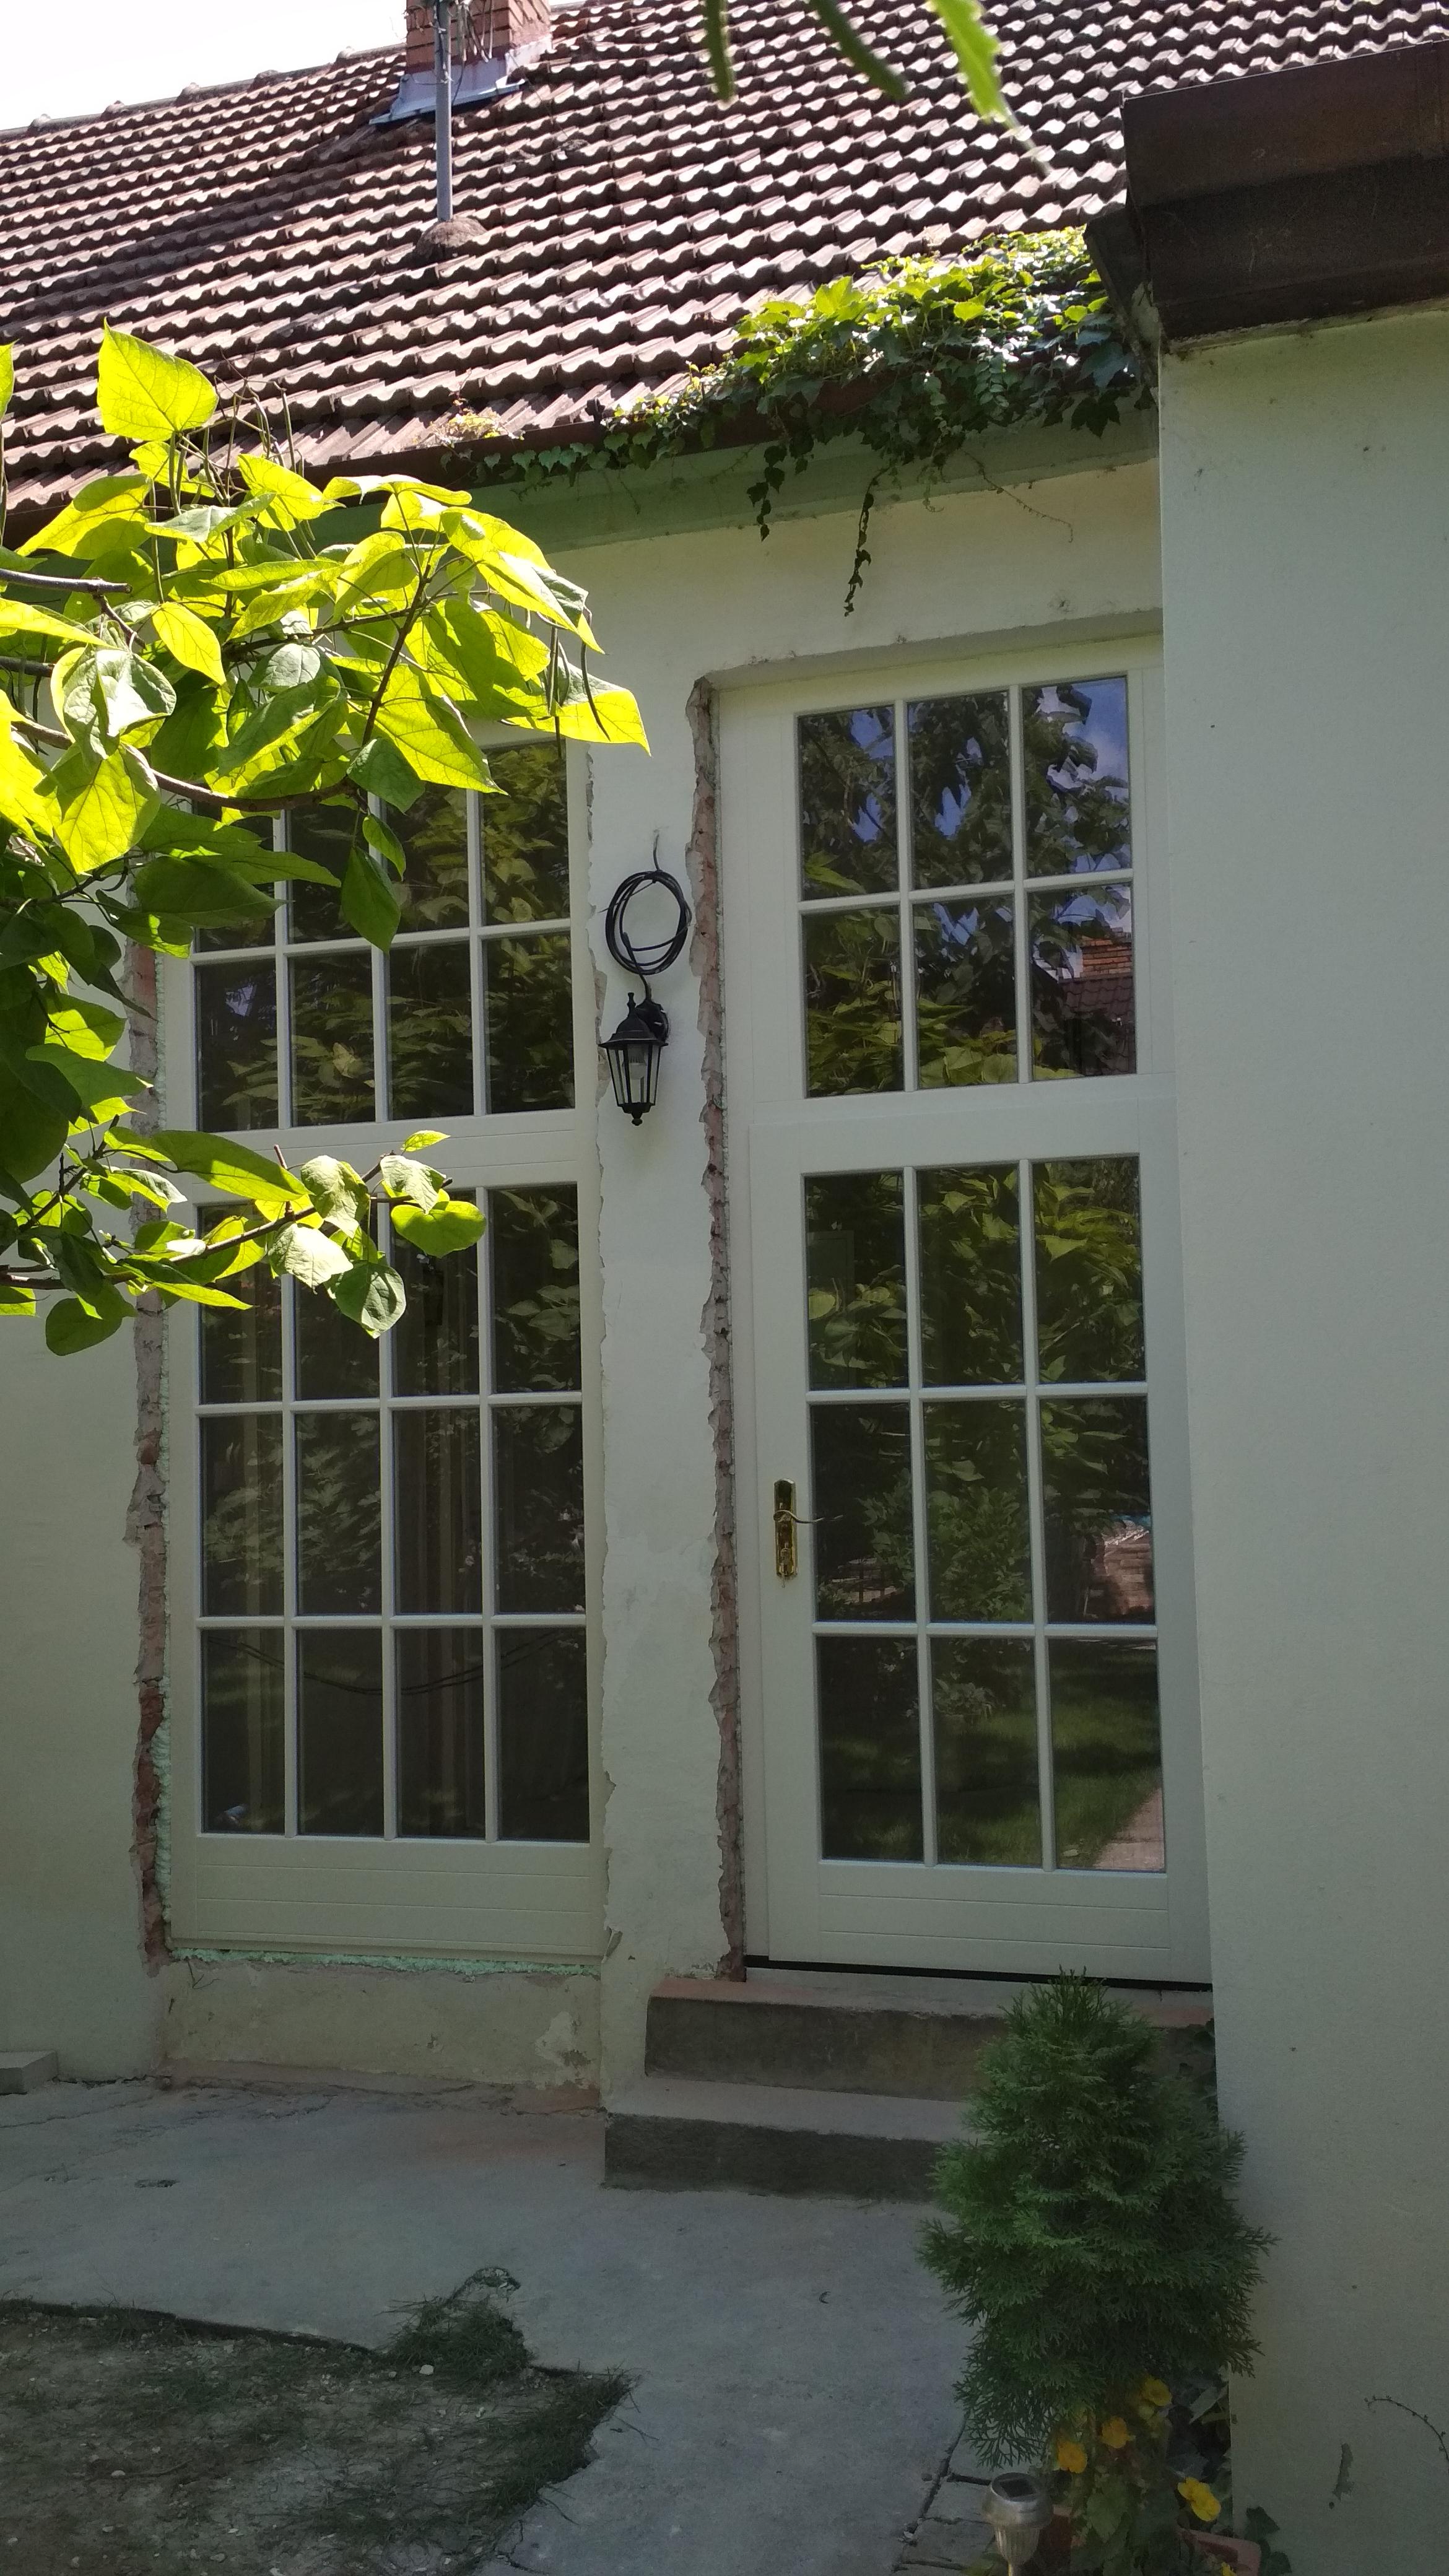 Vchodové dvere s pevným zasklením s drevenými lištami na skle